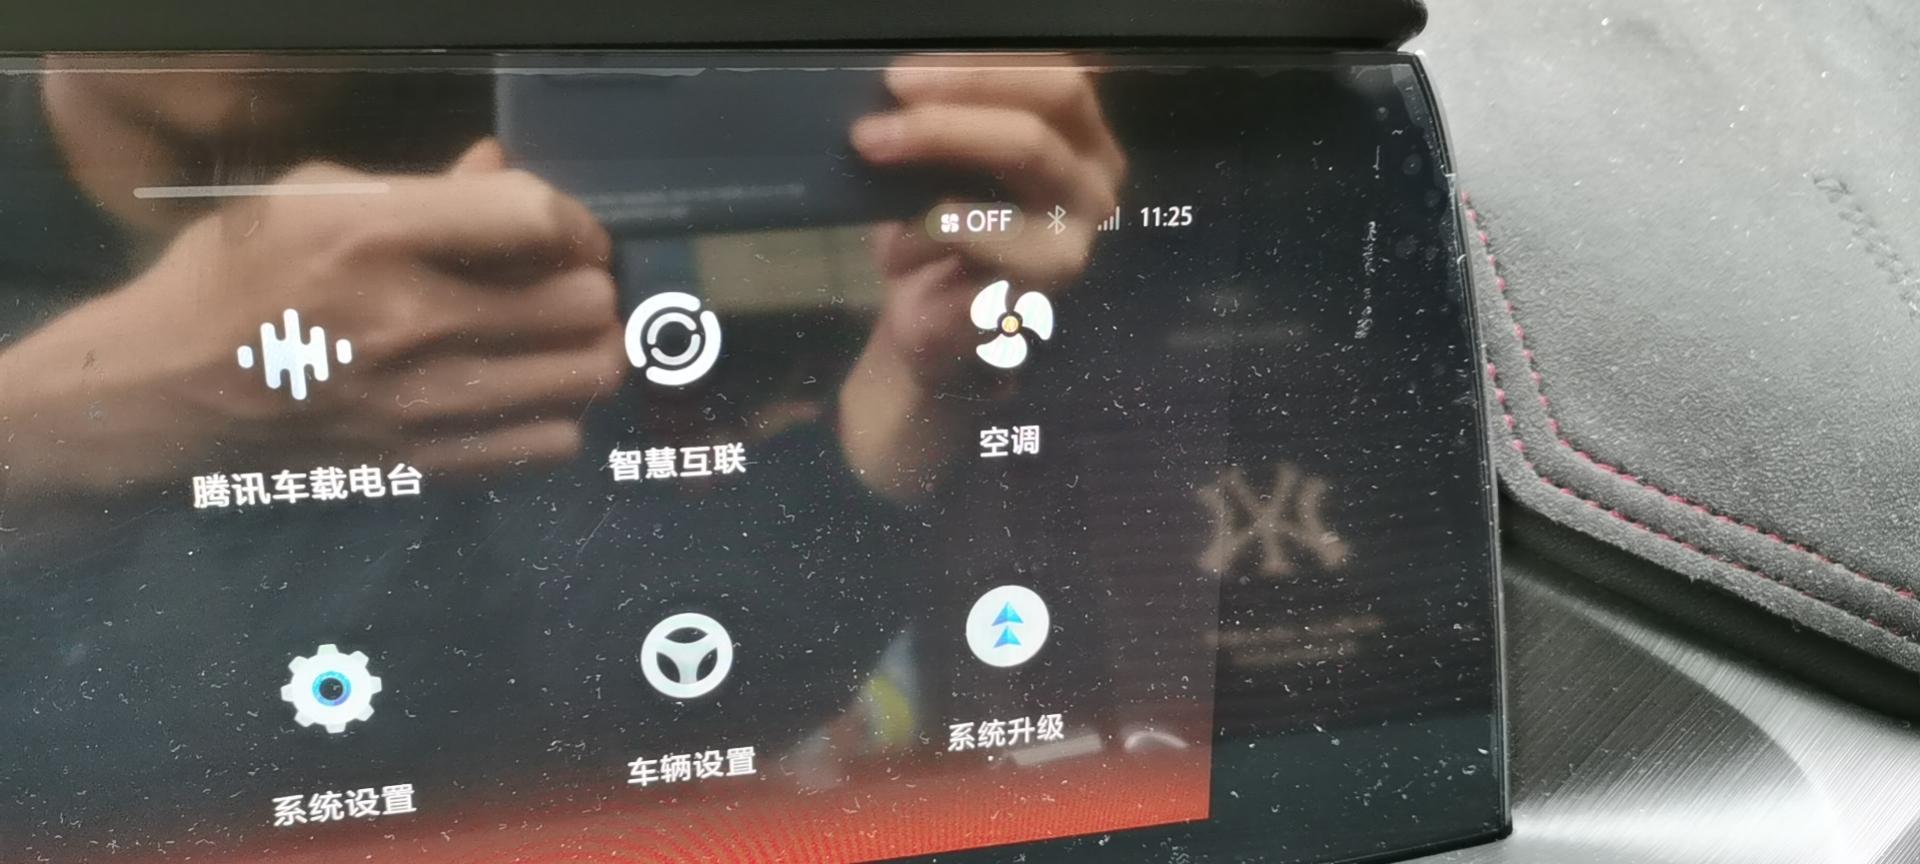 长安-CS75 PLUS360不清晰,车机卡顿,售后服务差